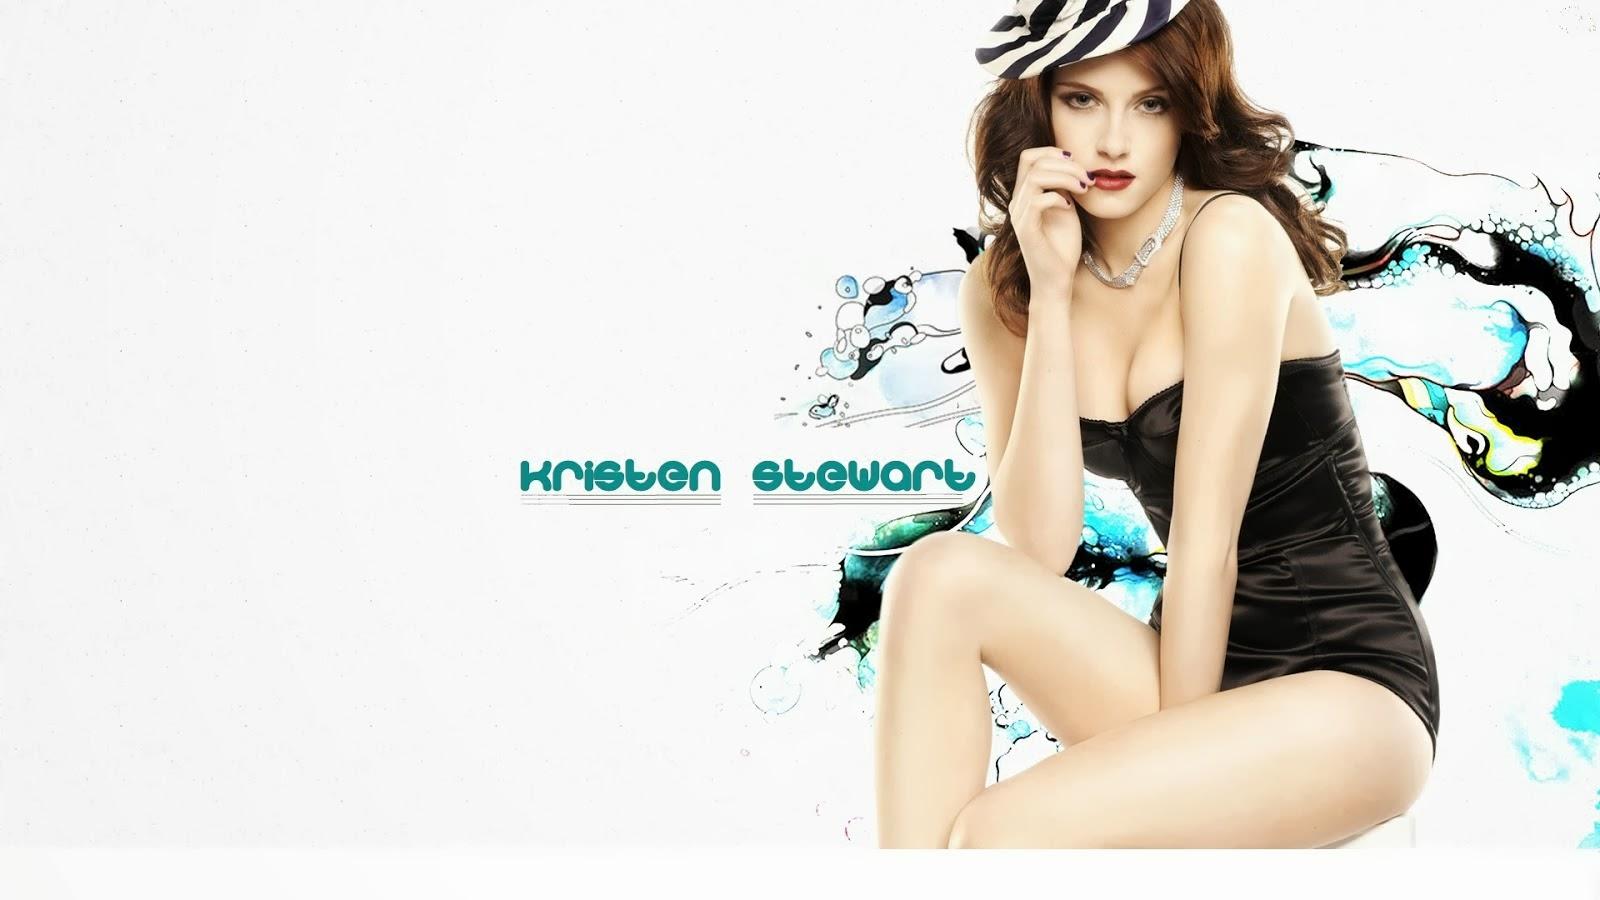 Hot Kristen Stewart Hd Wallpapers Soft Wallpapers